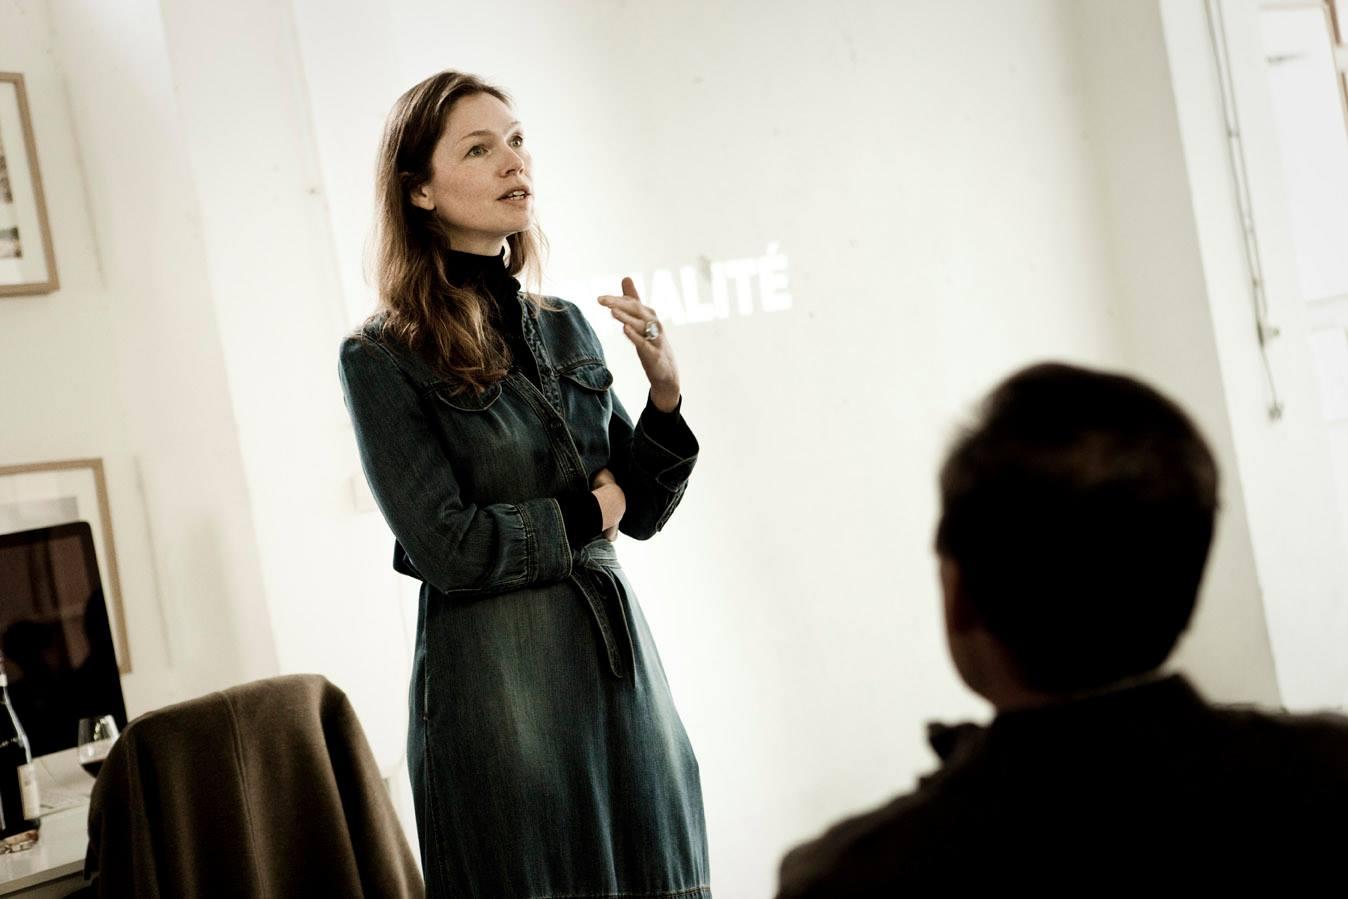 Agnes-Claret-Tournier reveil creatif_20